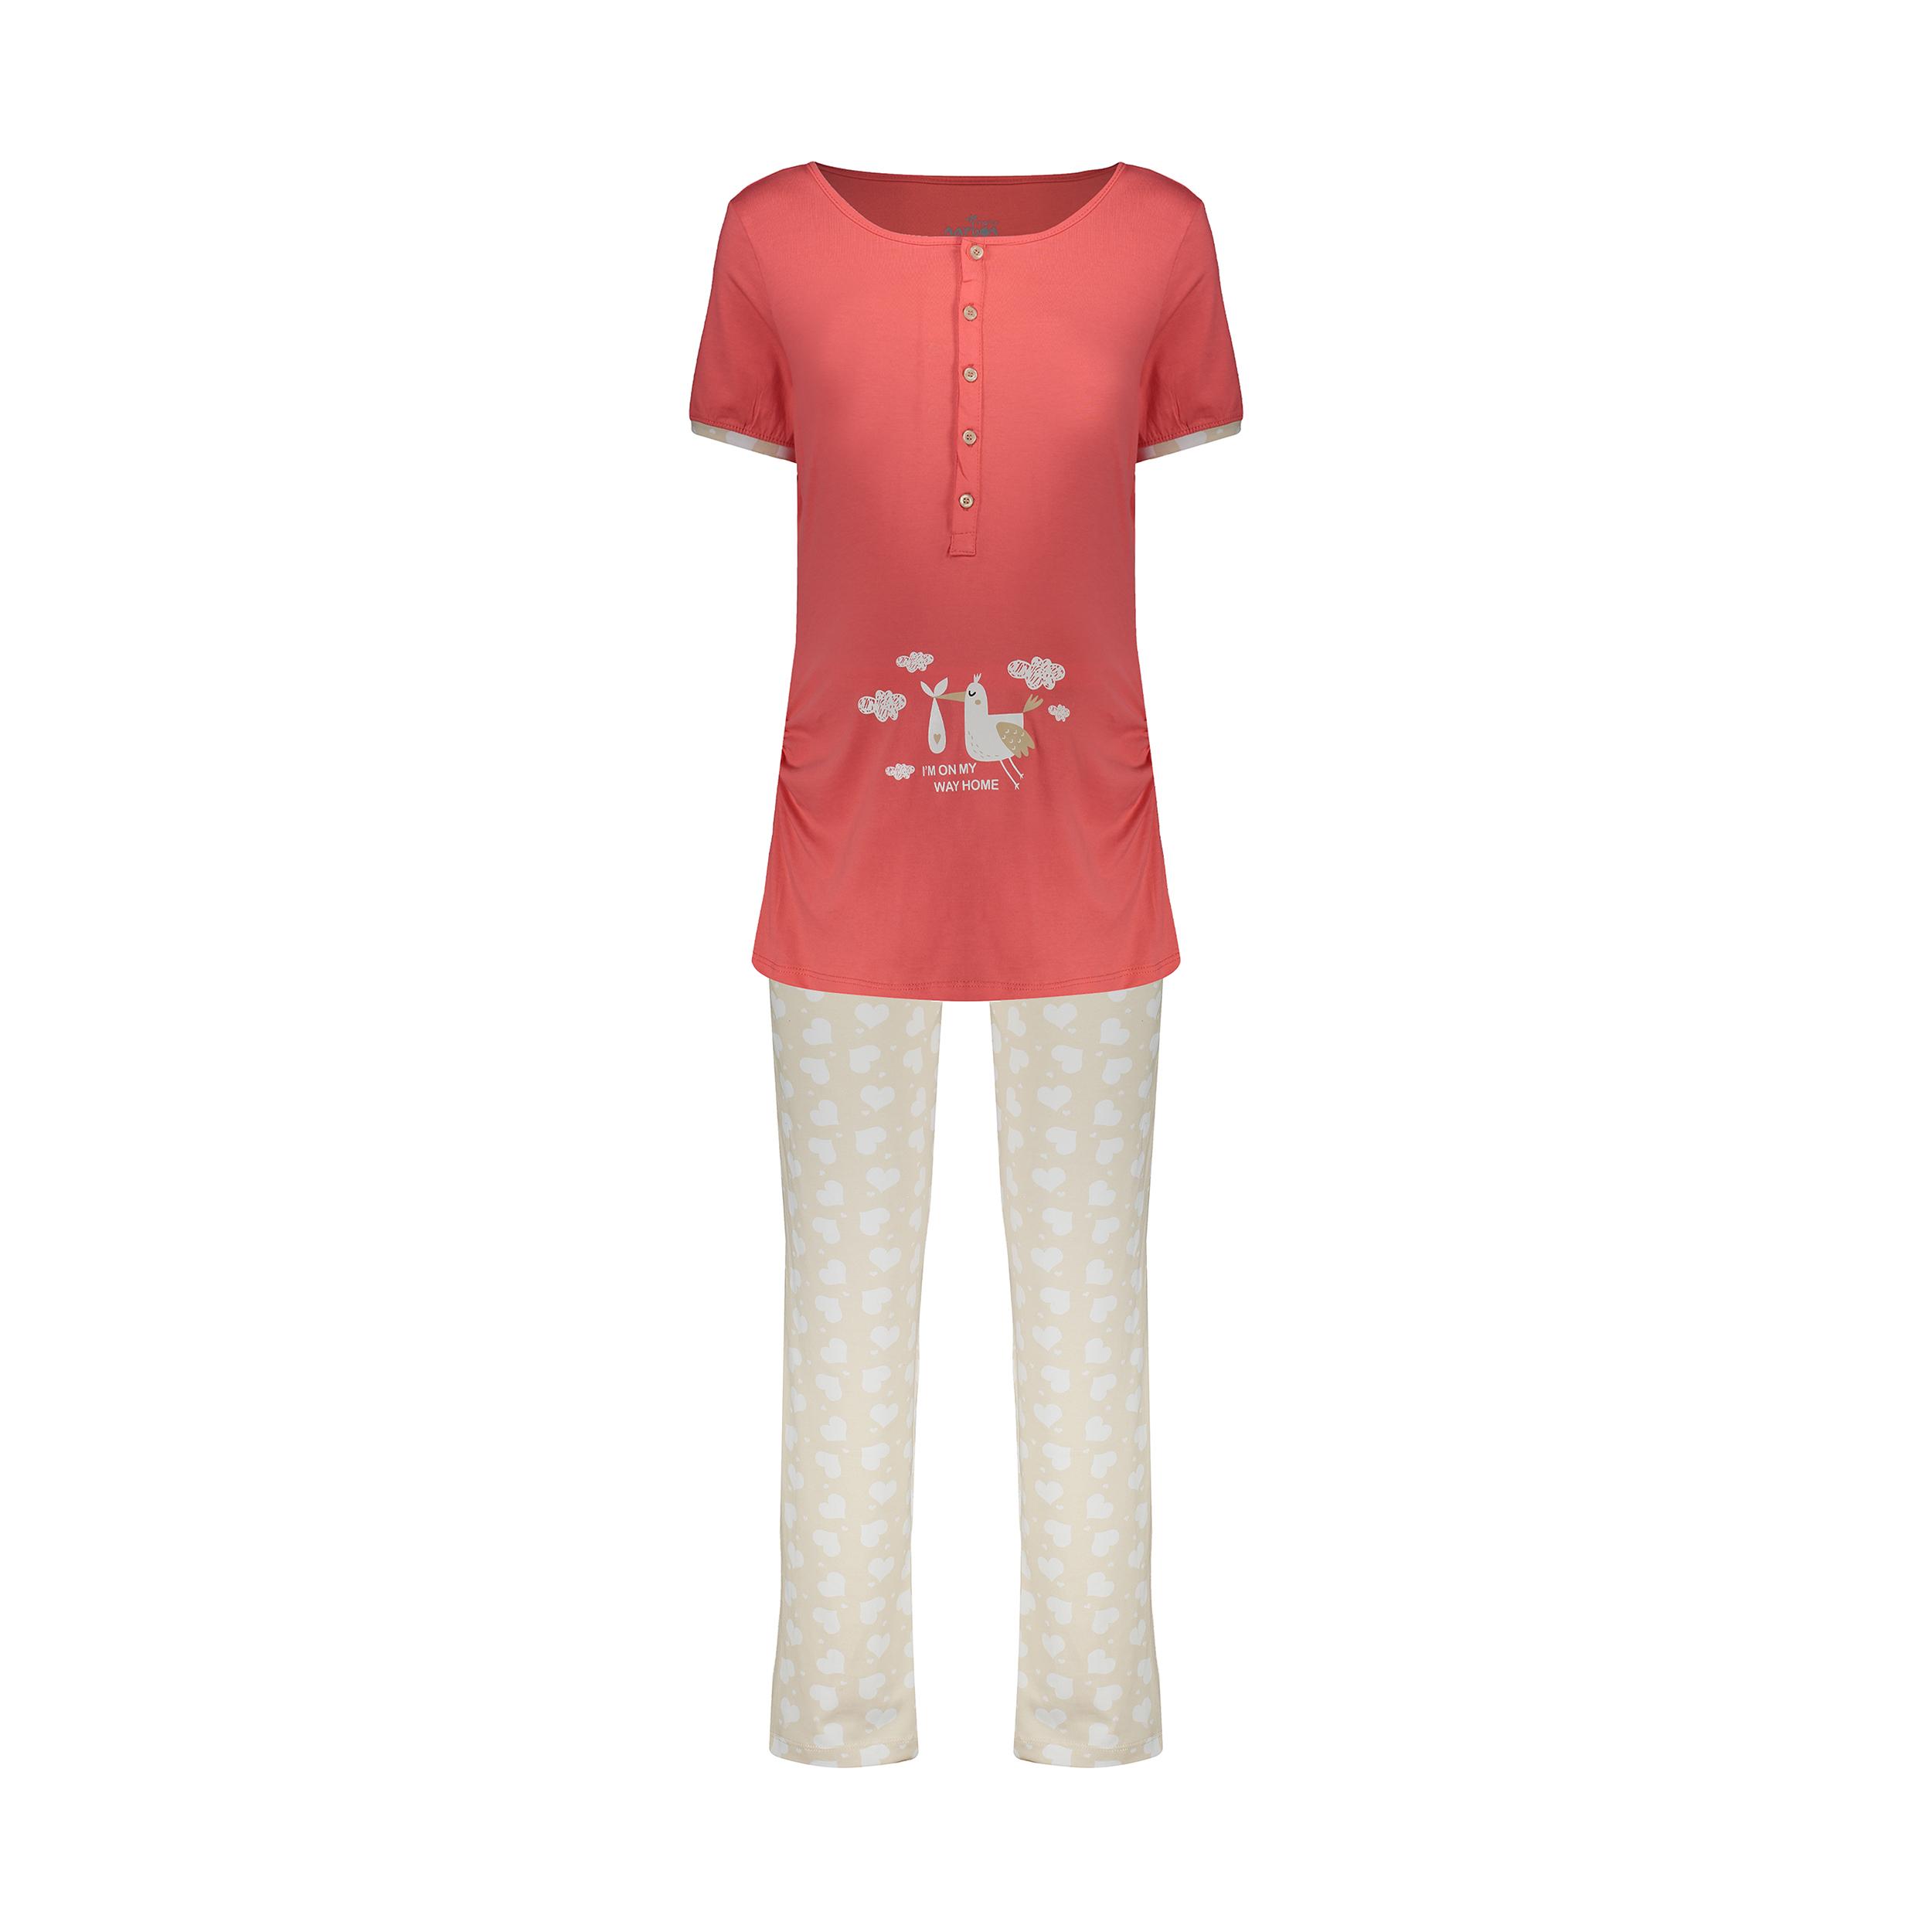 ست تی شرت و شلوار بارداری ناربن مدل 1521295-21